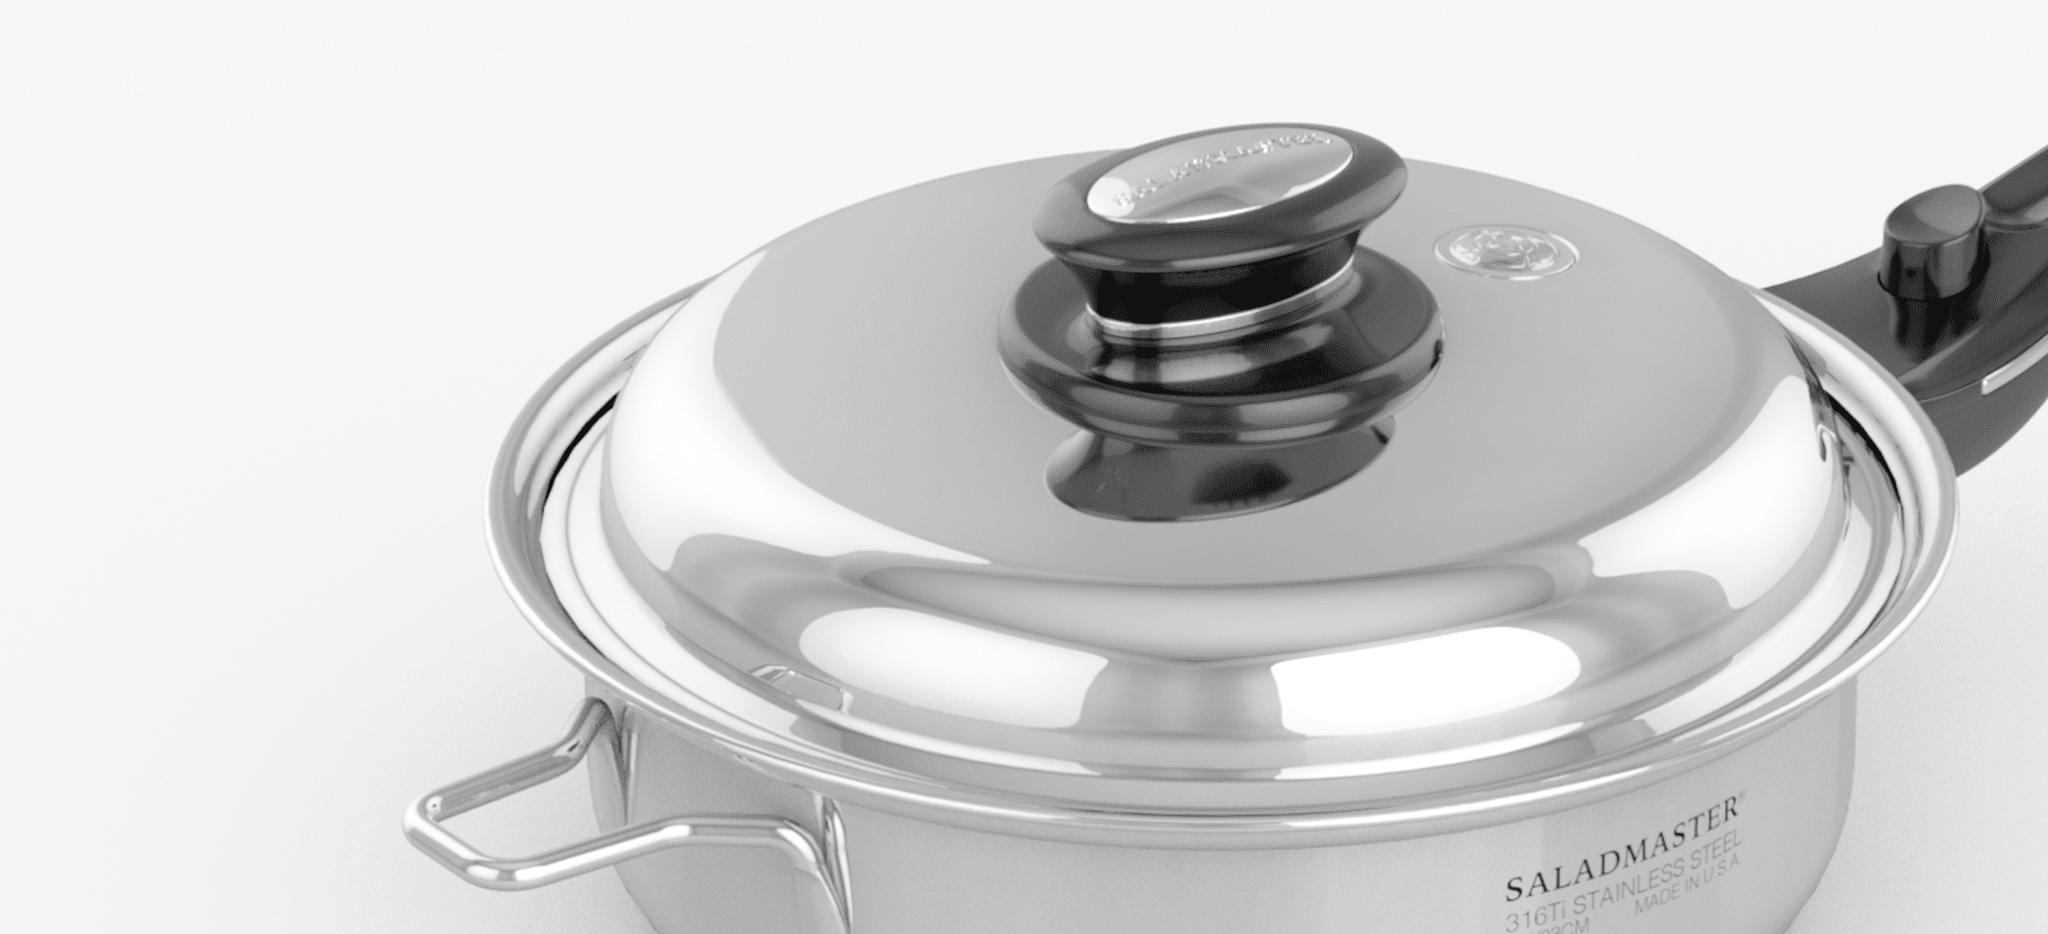 Saladmaster España - Olla saladmaster titanio - La mejor elección para cocinar de manera saludable